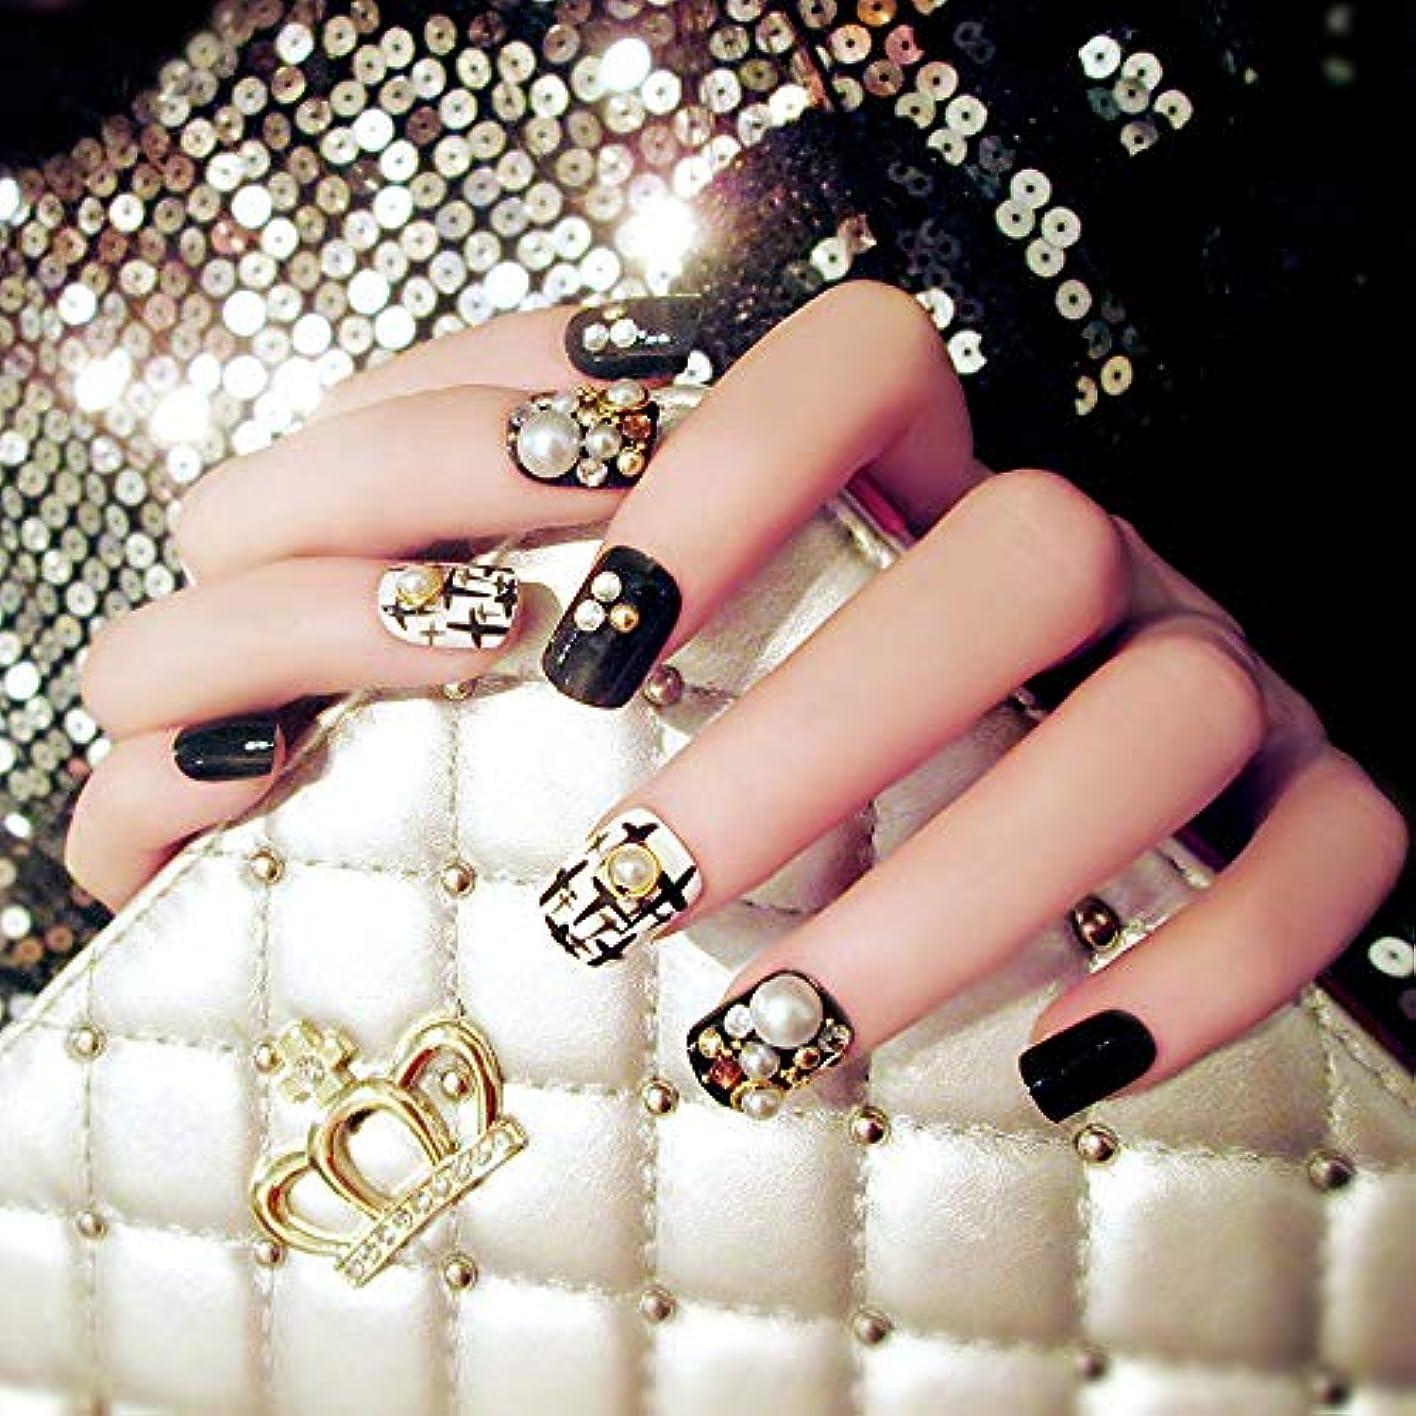 ラベンダー葉を集めるそれら24本の高品質の美しい偽の黒い爪白真珠のデザイン偽の爪のヒントは偽の爪をカバー